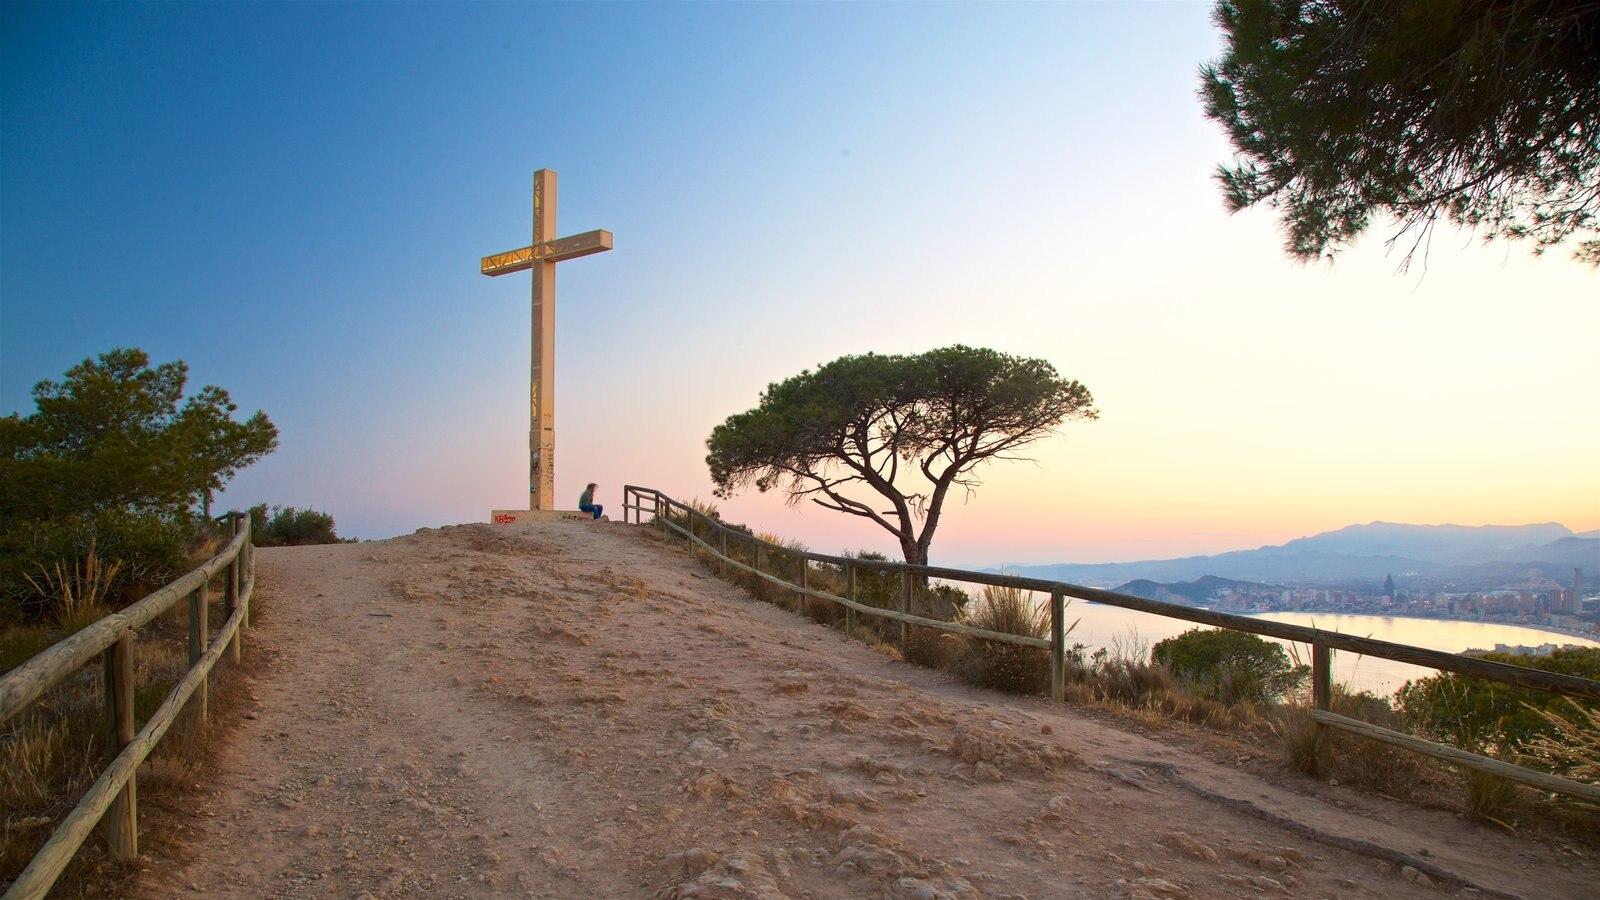 La Cruz de Benidorm mostrando elementos religiosos, vistas de paisajes y una puesta de sol